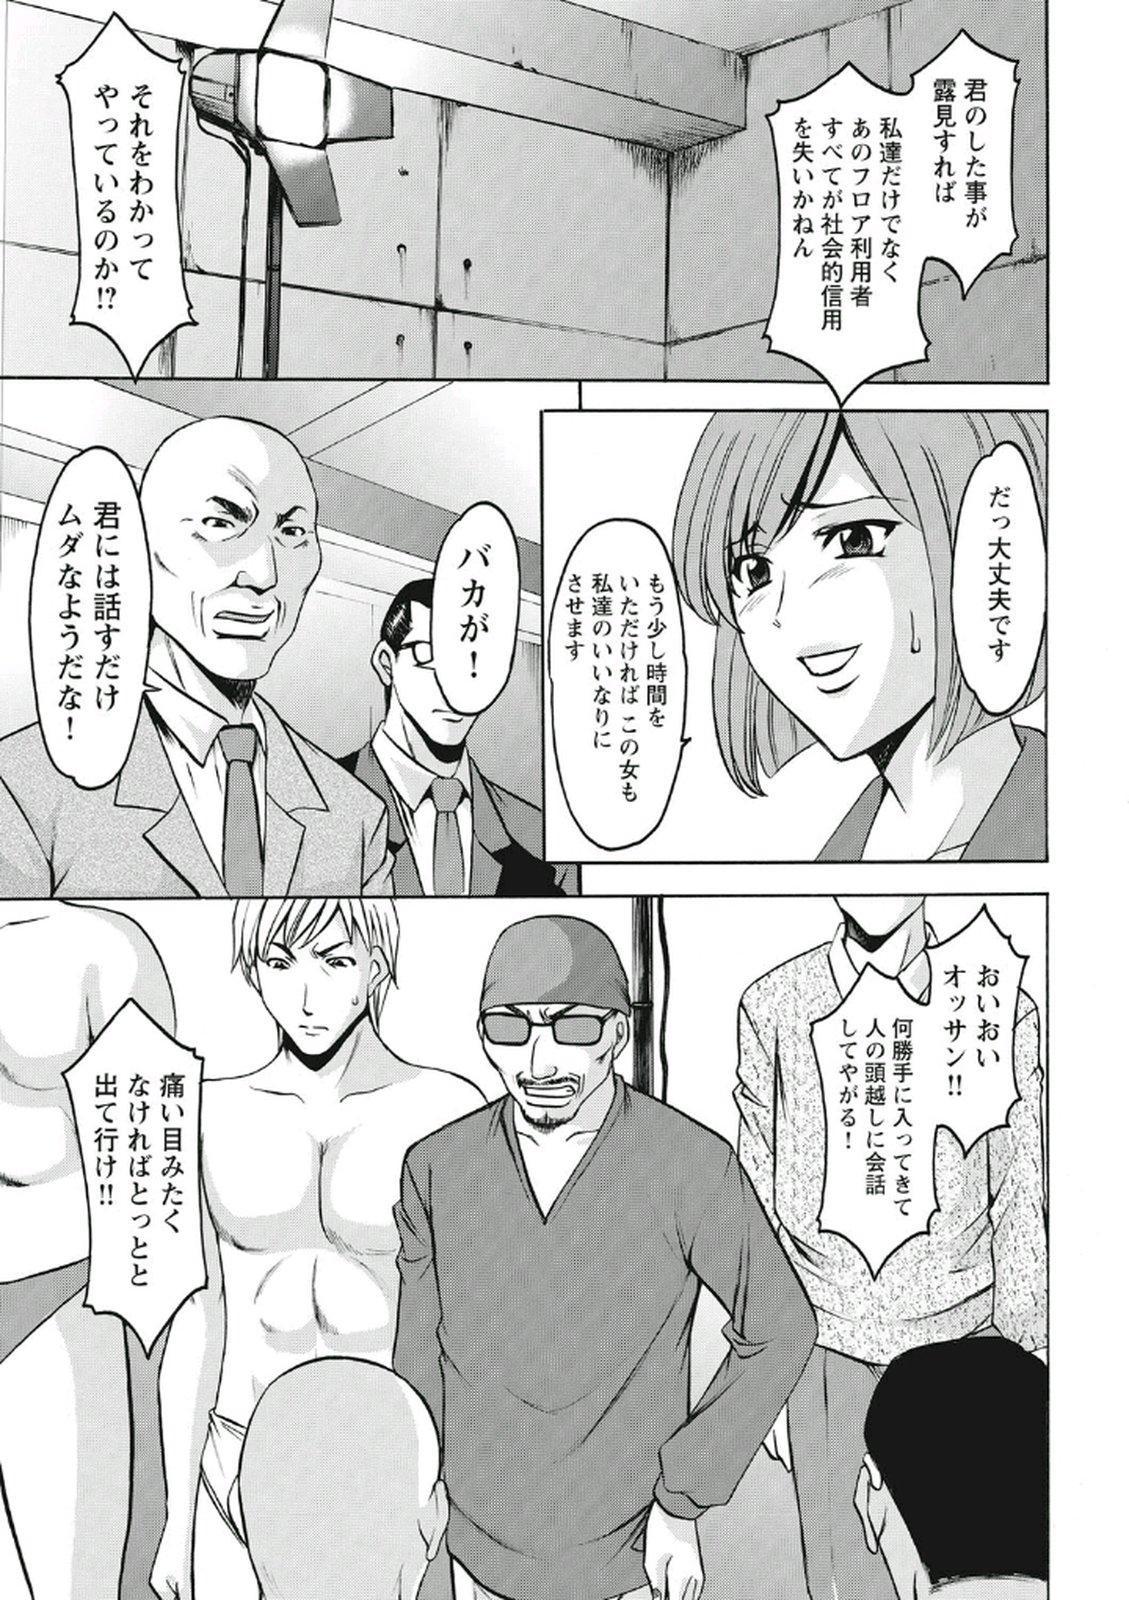 Chijoku Byoutou 180